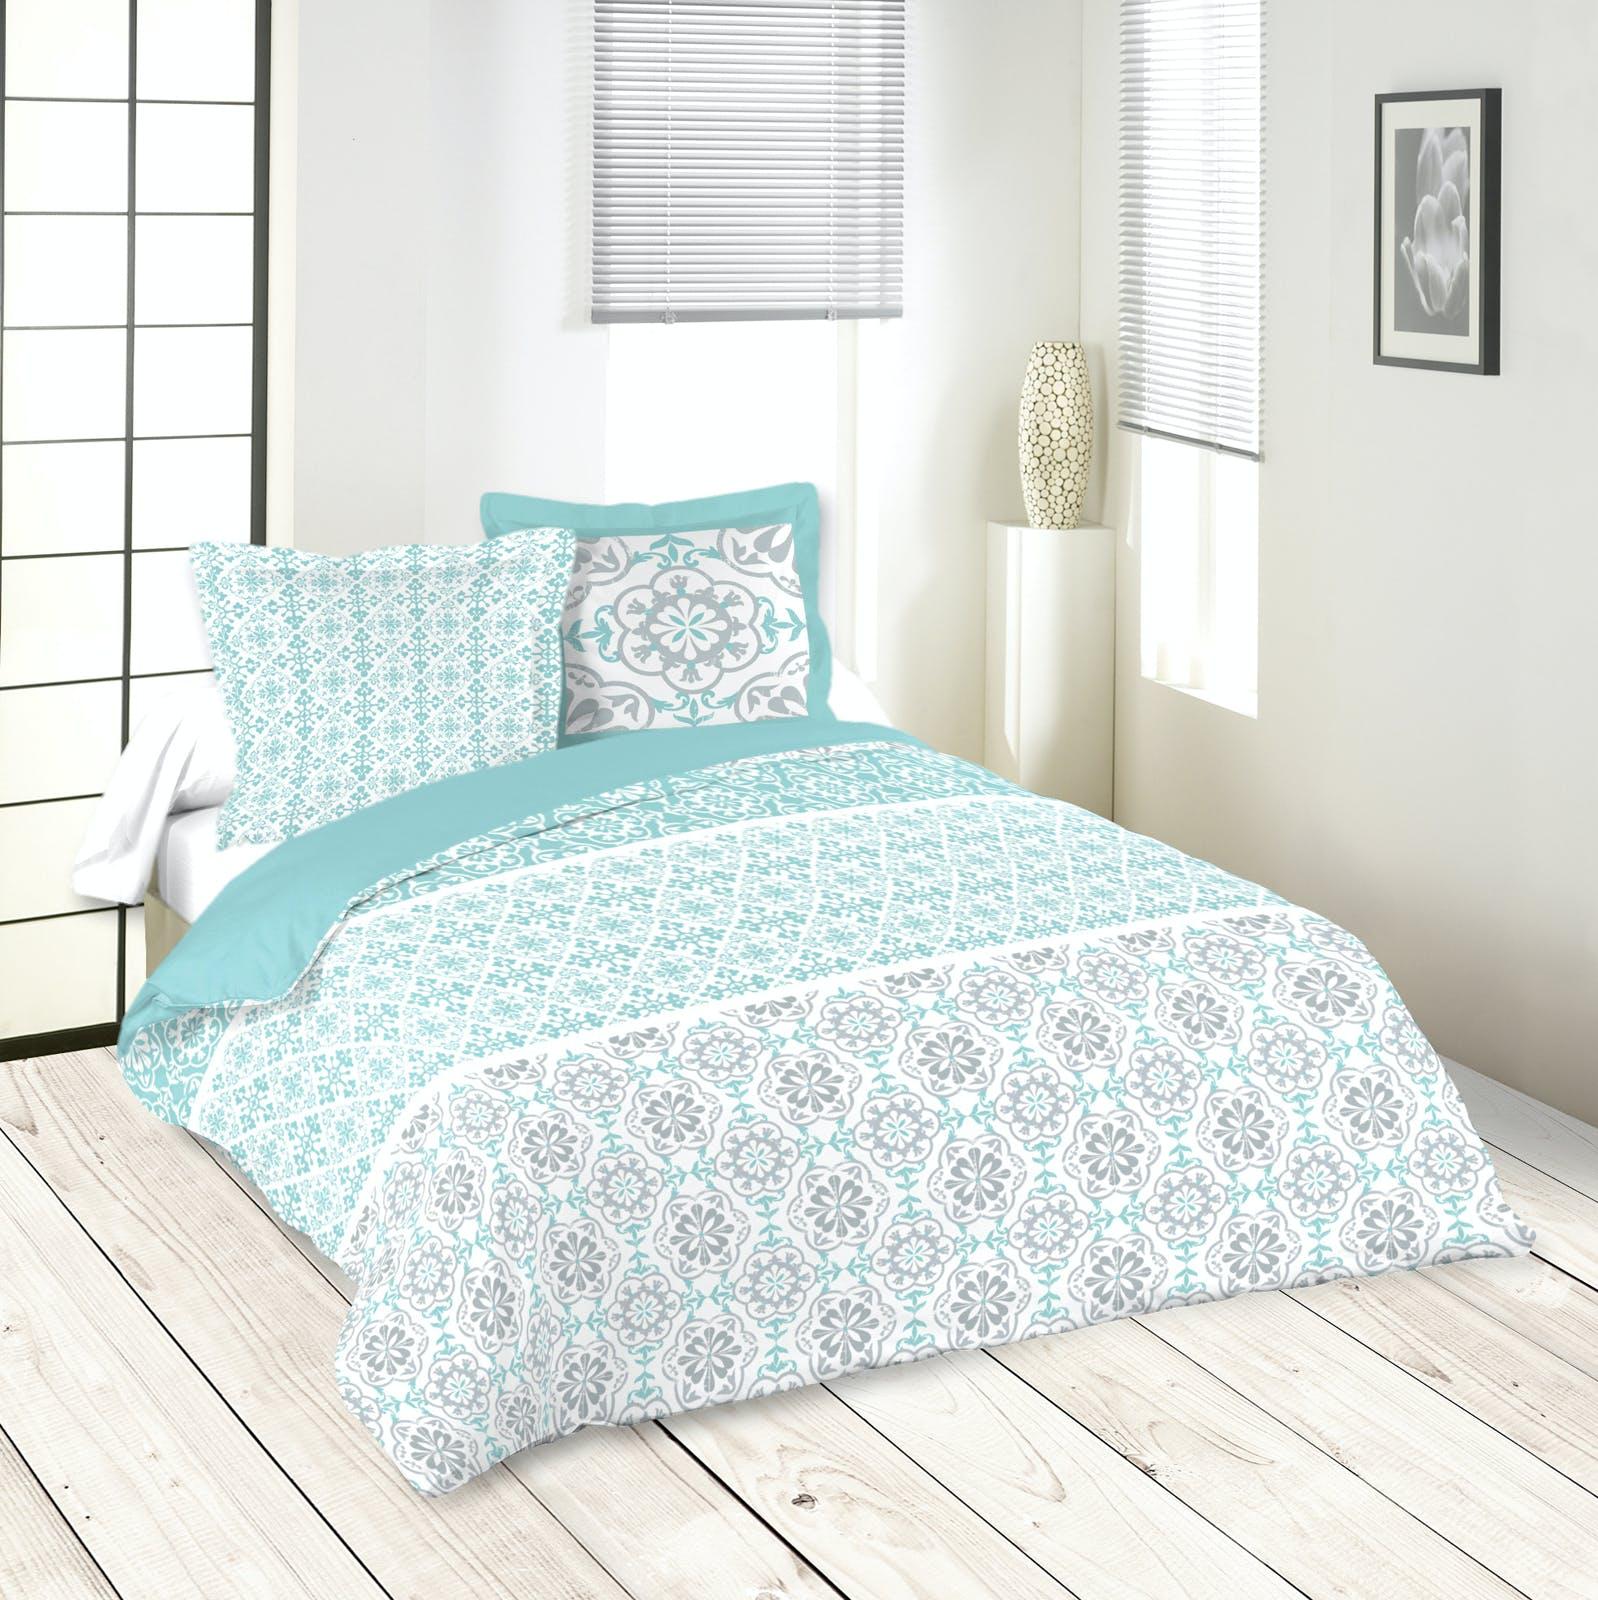 Parure de lit motifs arabesques bleu blanc gris 260x240 housse de couette + 2 taies 63x63 100% coton LISBOA